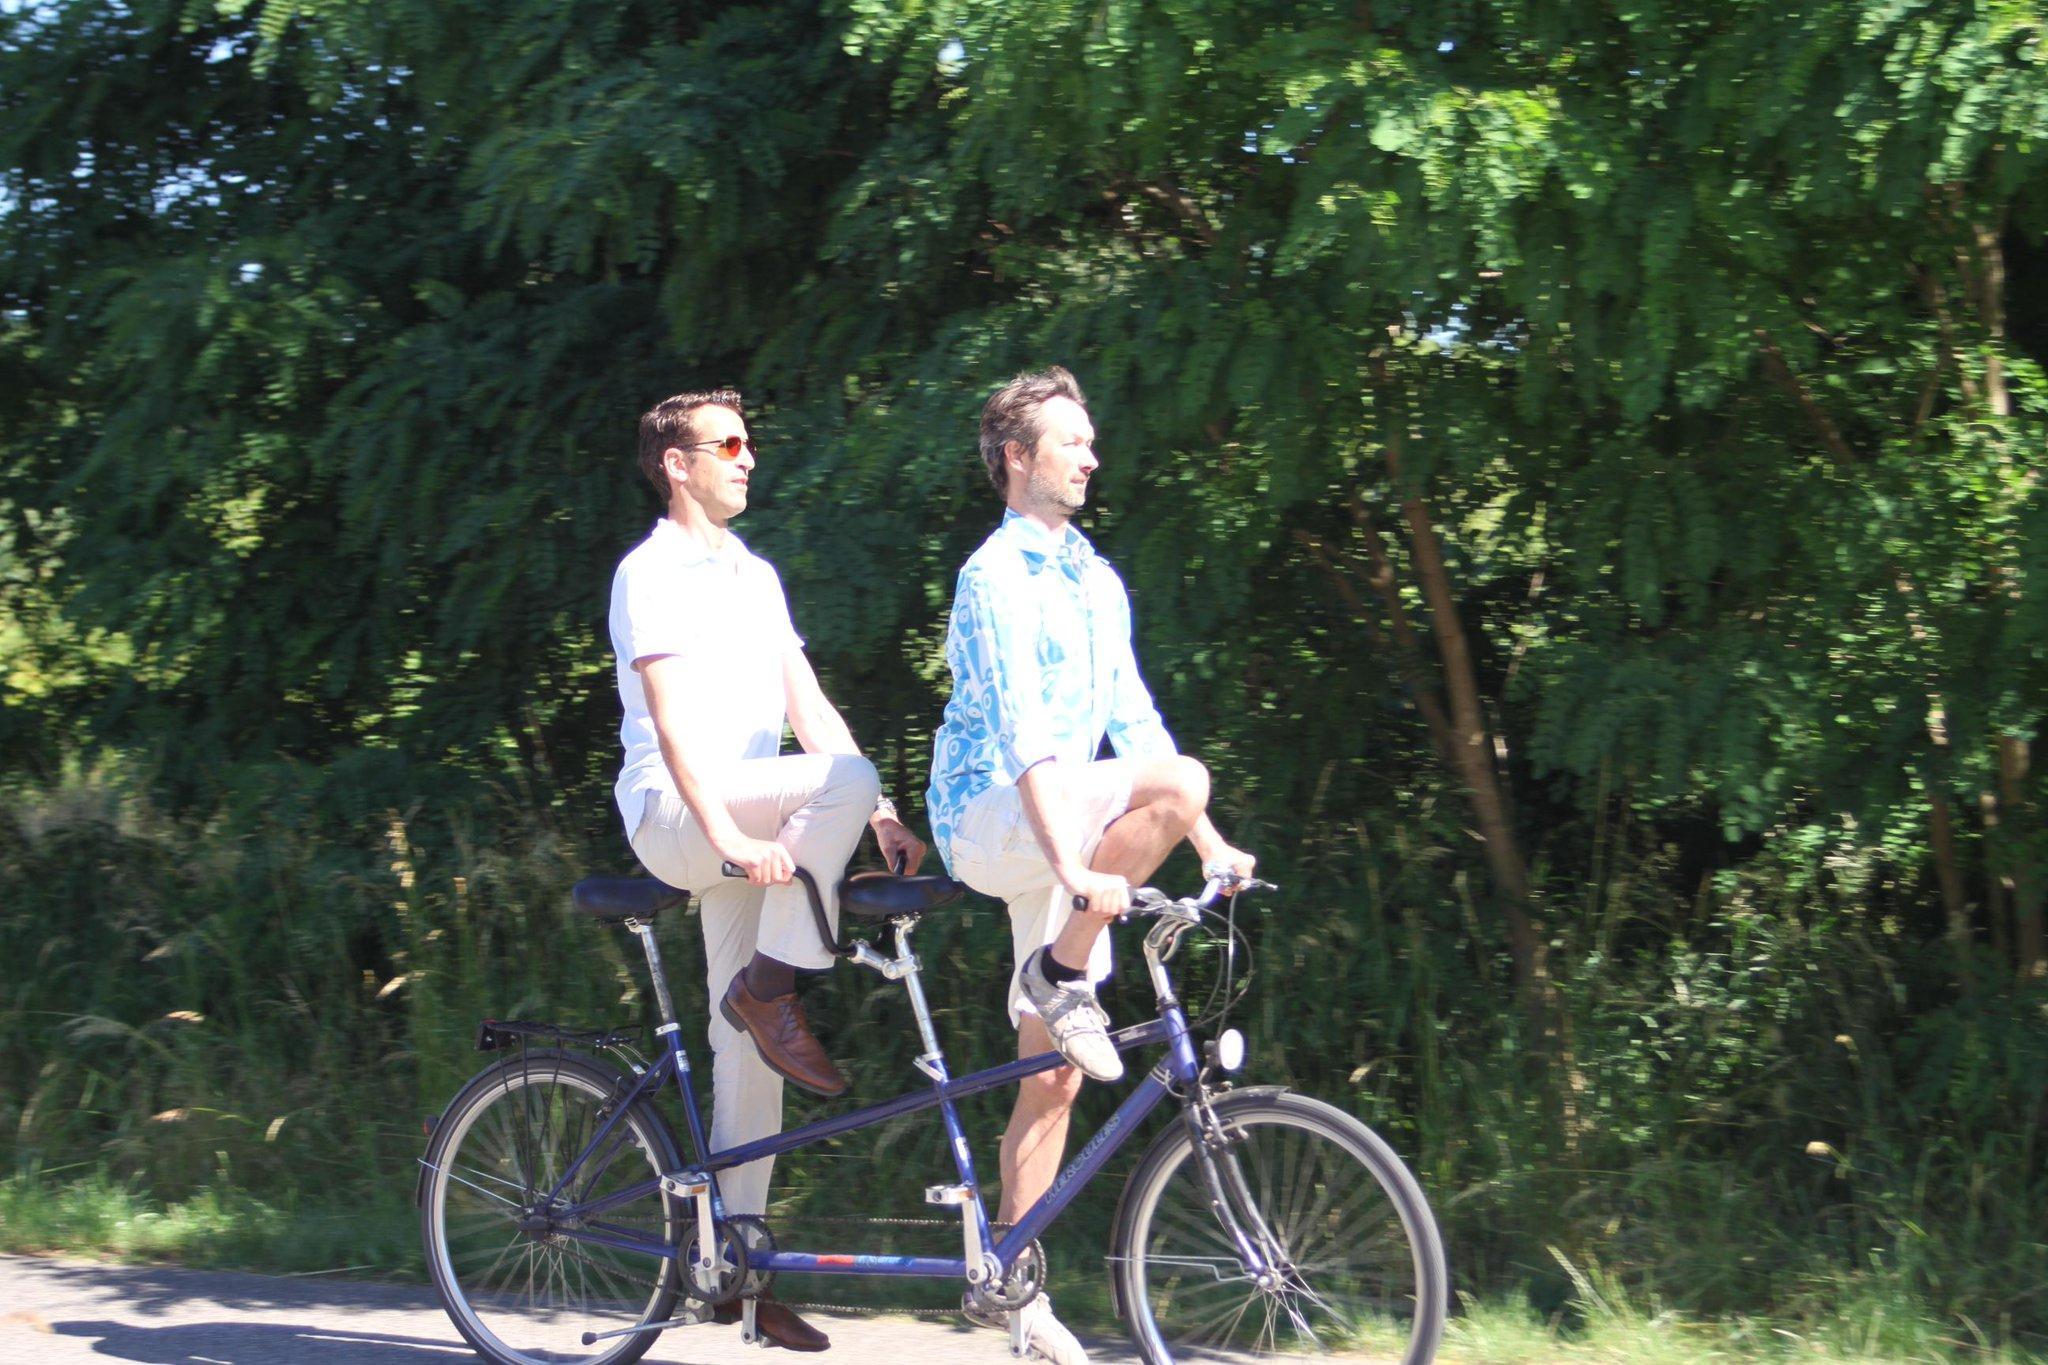 Die Doppel-Taube für @Yogacycling auf dem Tandem. Für Single-Räder heute & morgen Kurse: https://www.facebook.com/events/392516084286889/ ...pic.twitter.com/aPja4Hrcn0